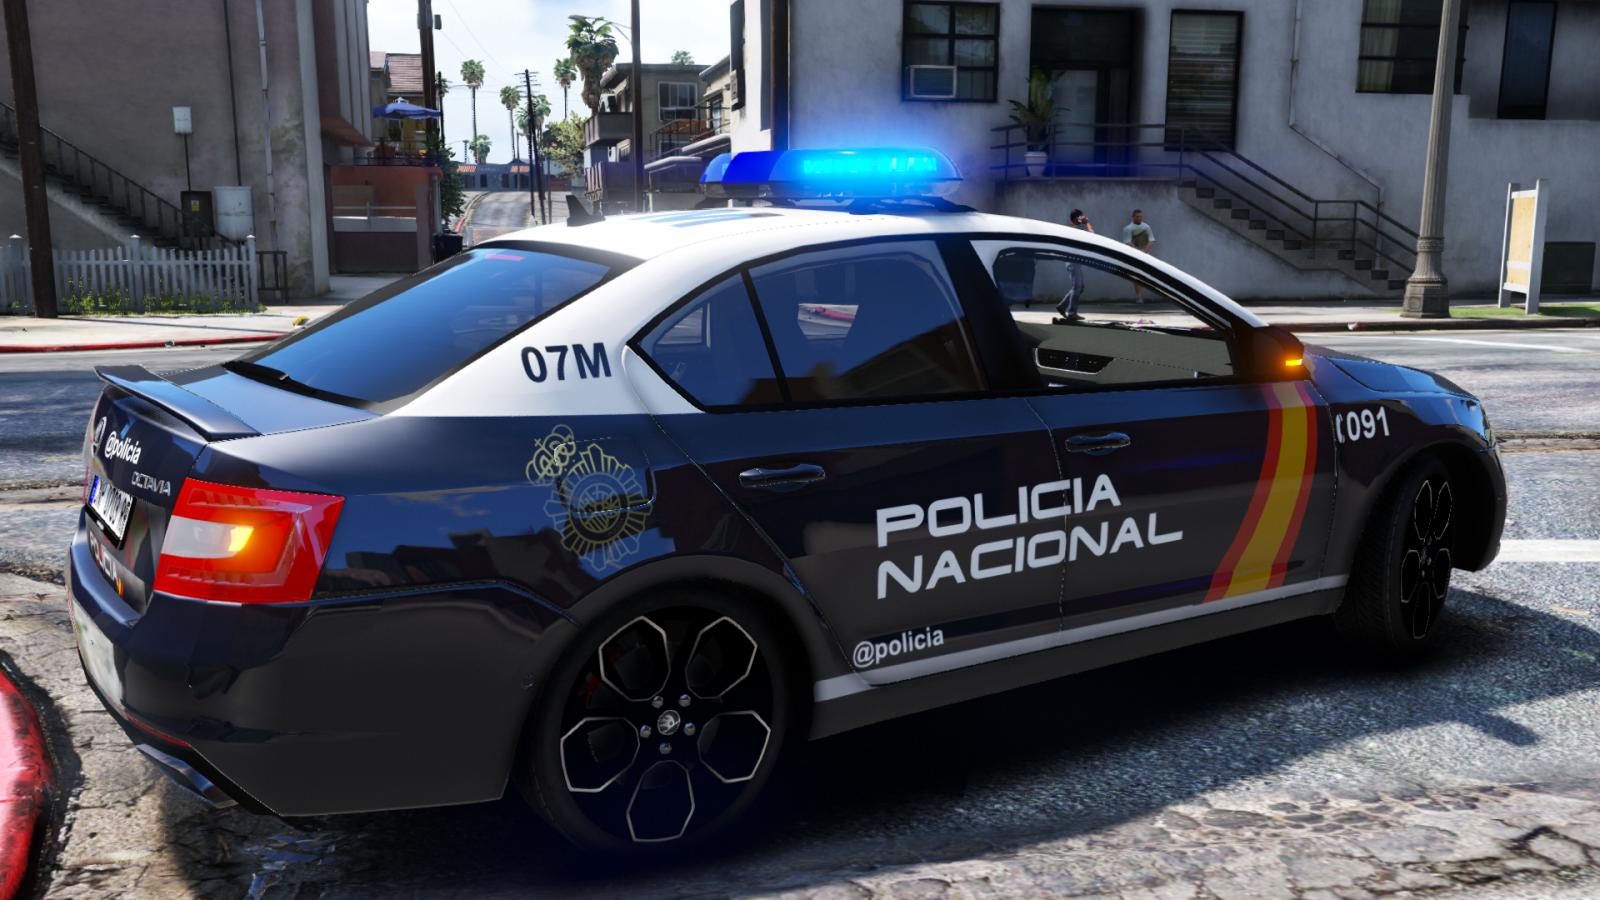 /Ficticio/ Skoda Octavia VRS Policía Nacional.